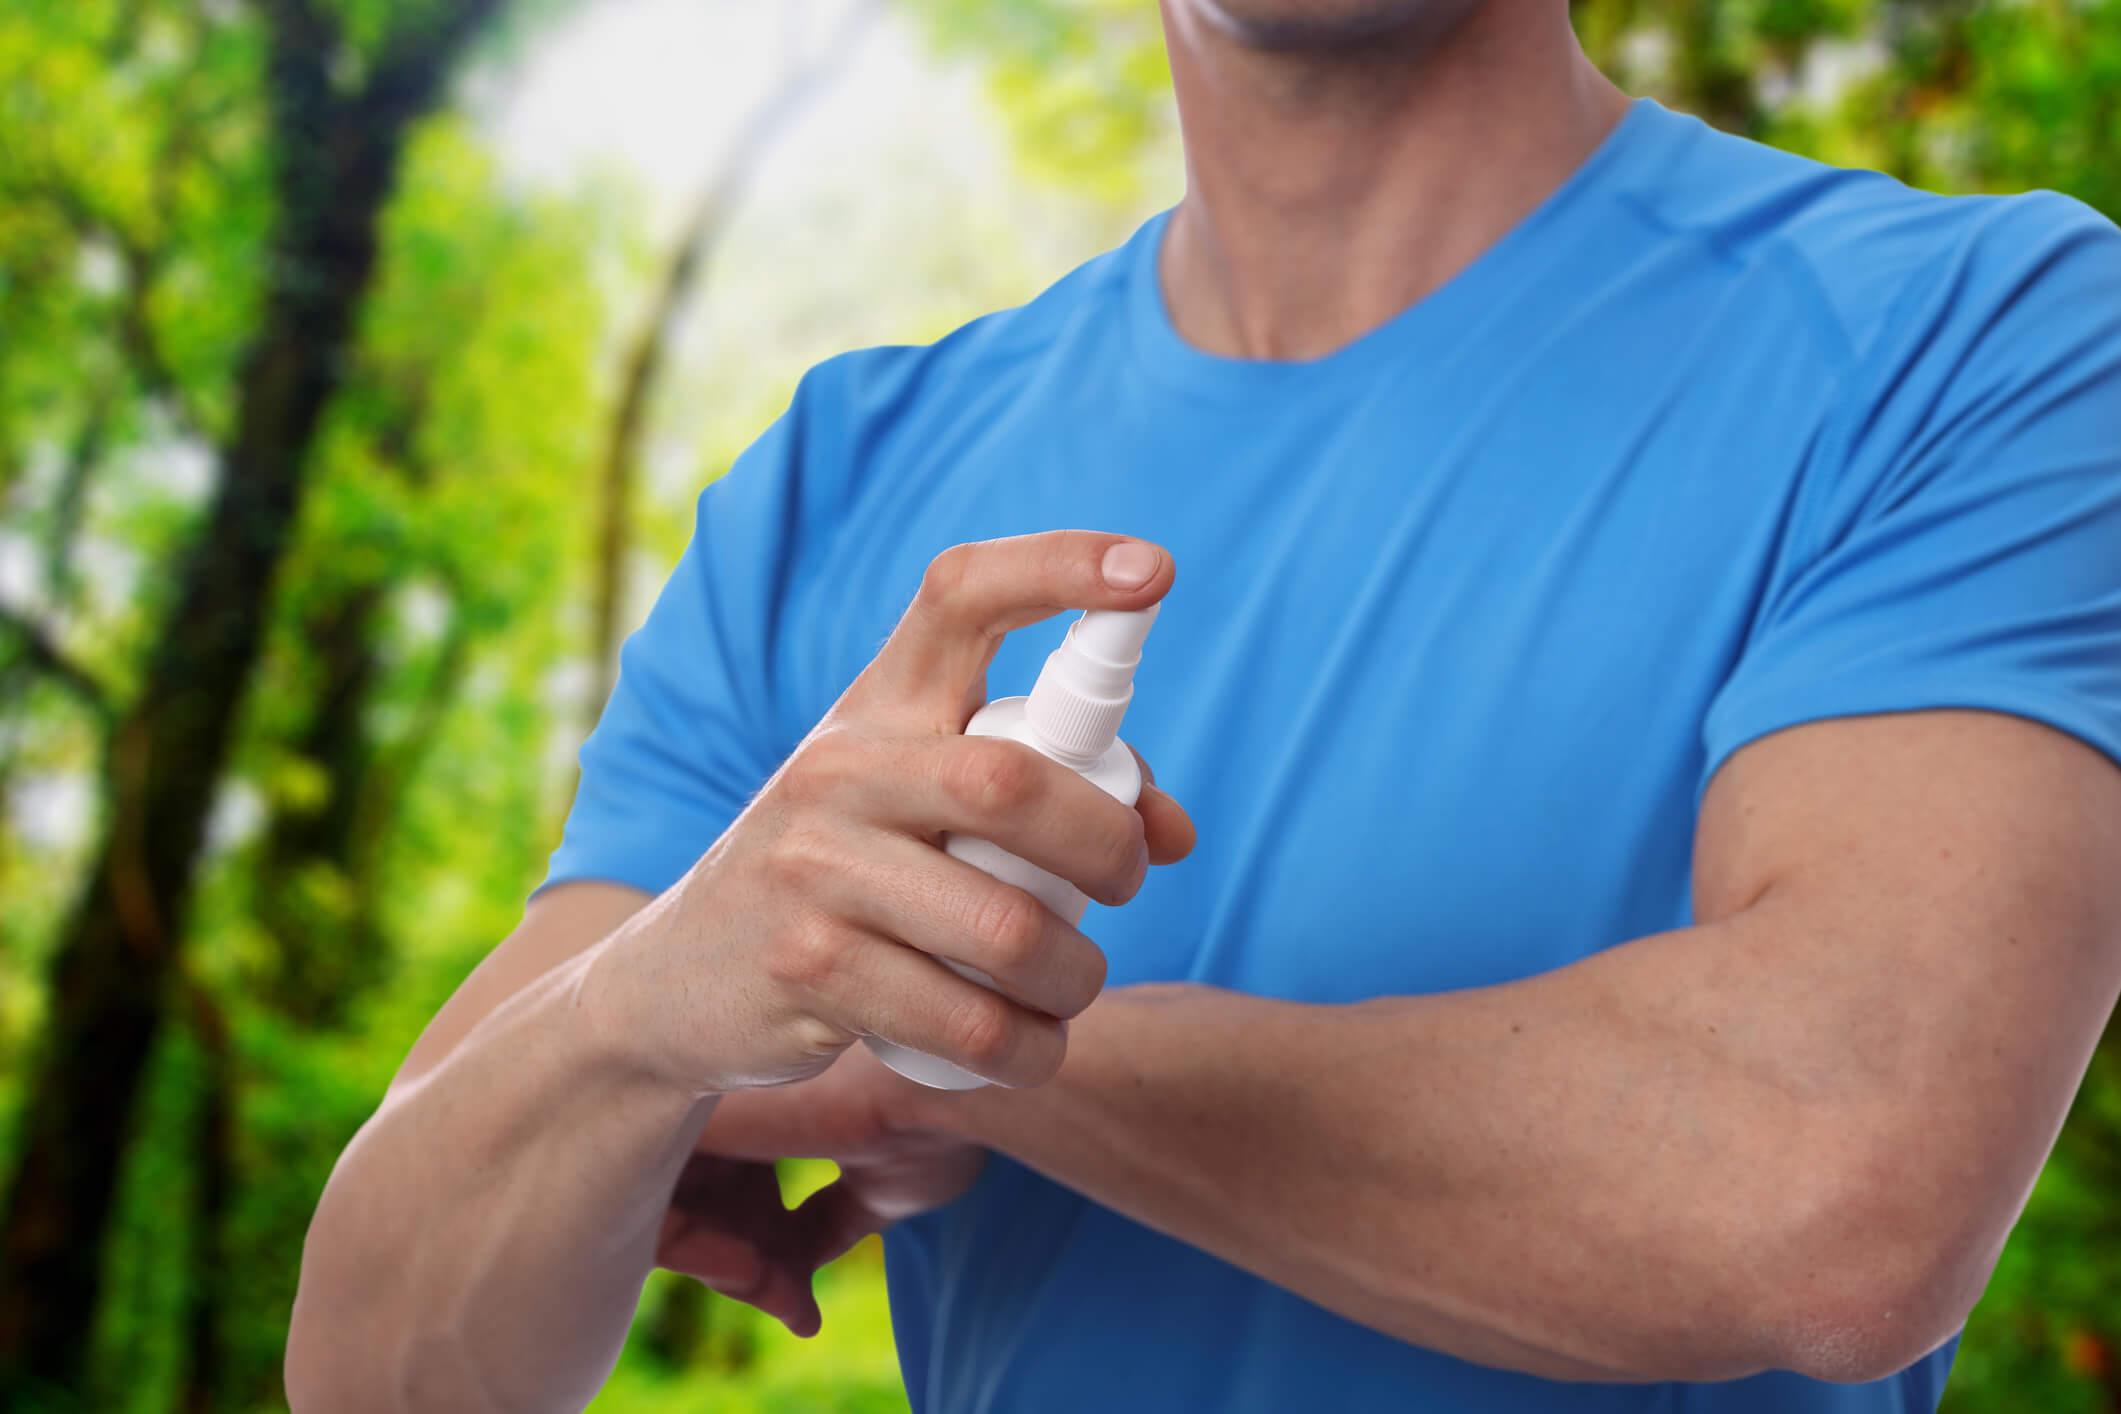 Mann sprüht sich Mückenspray auf den Arm.